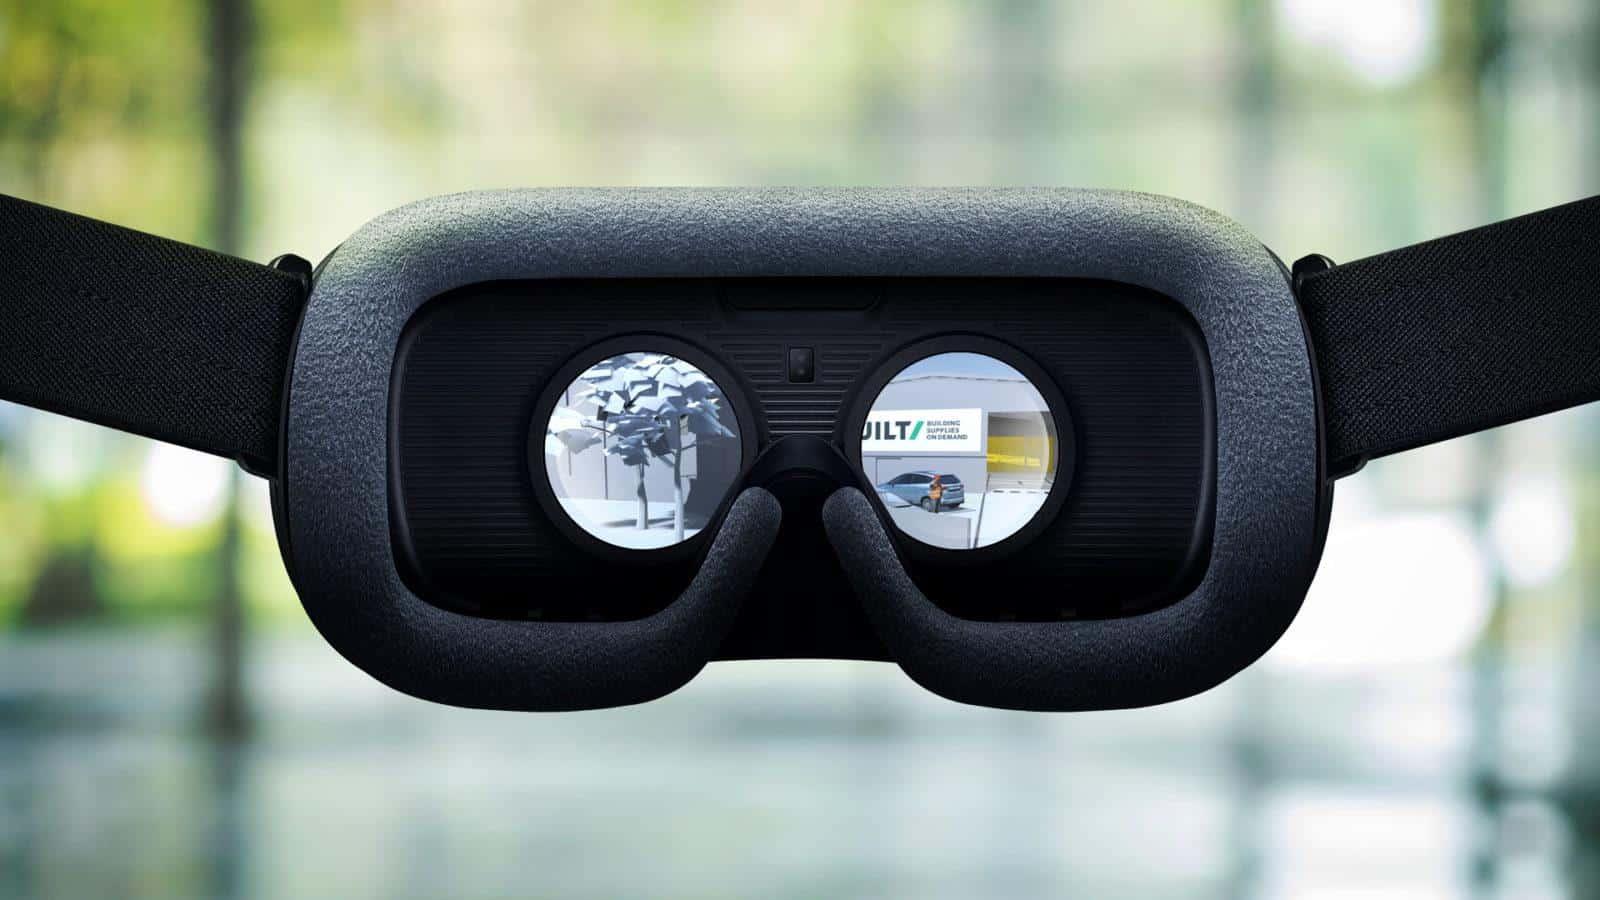 Built VR goggles